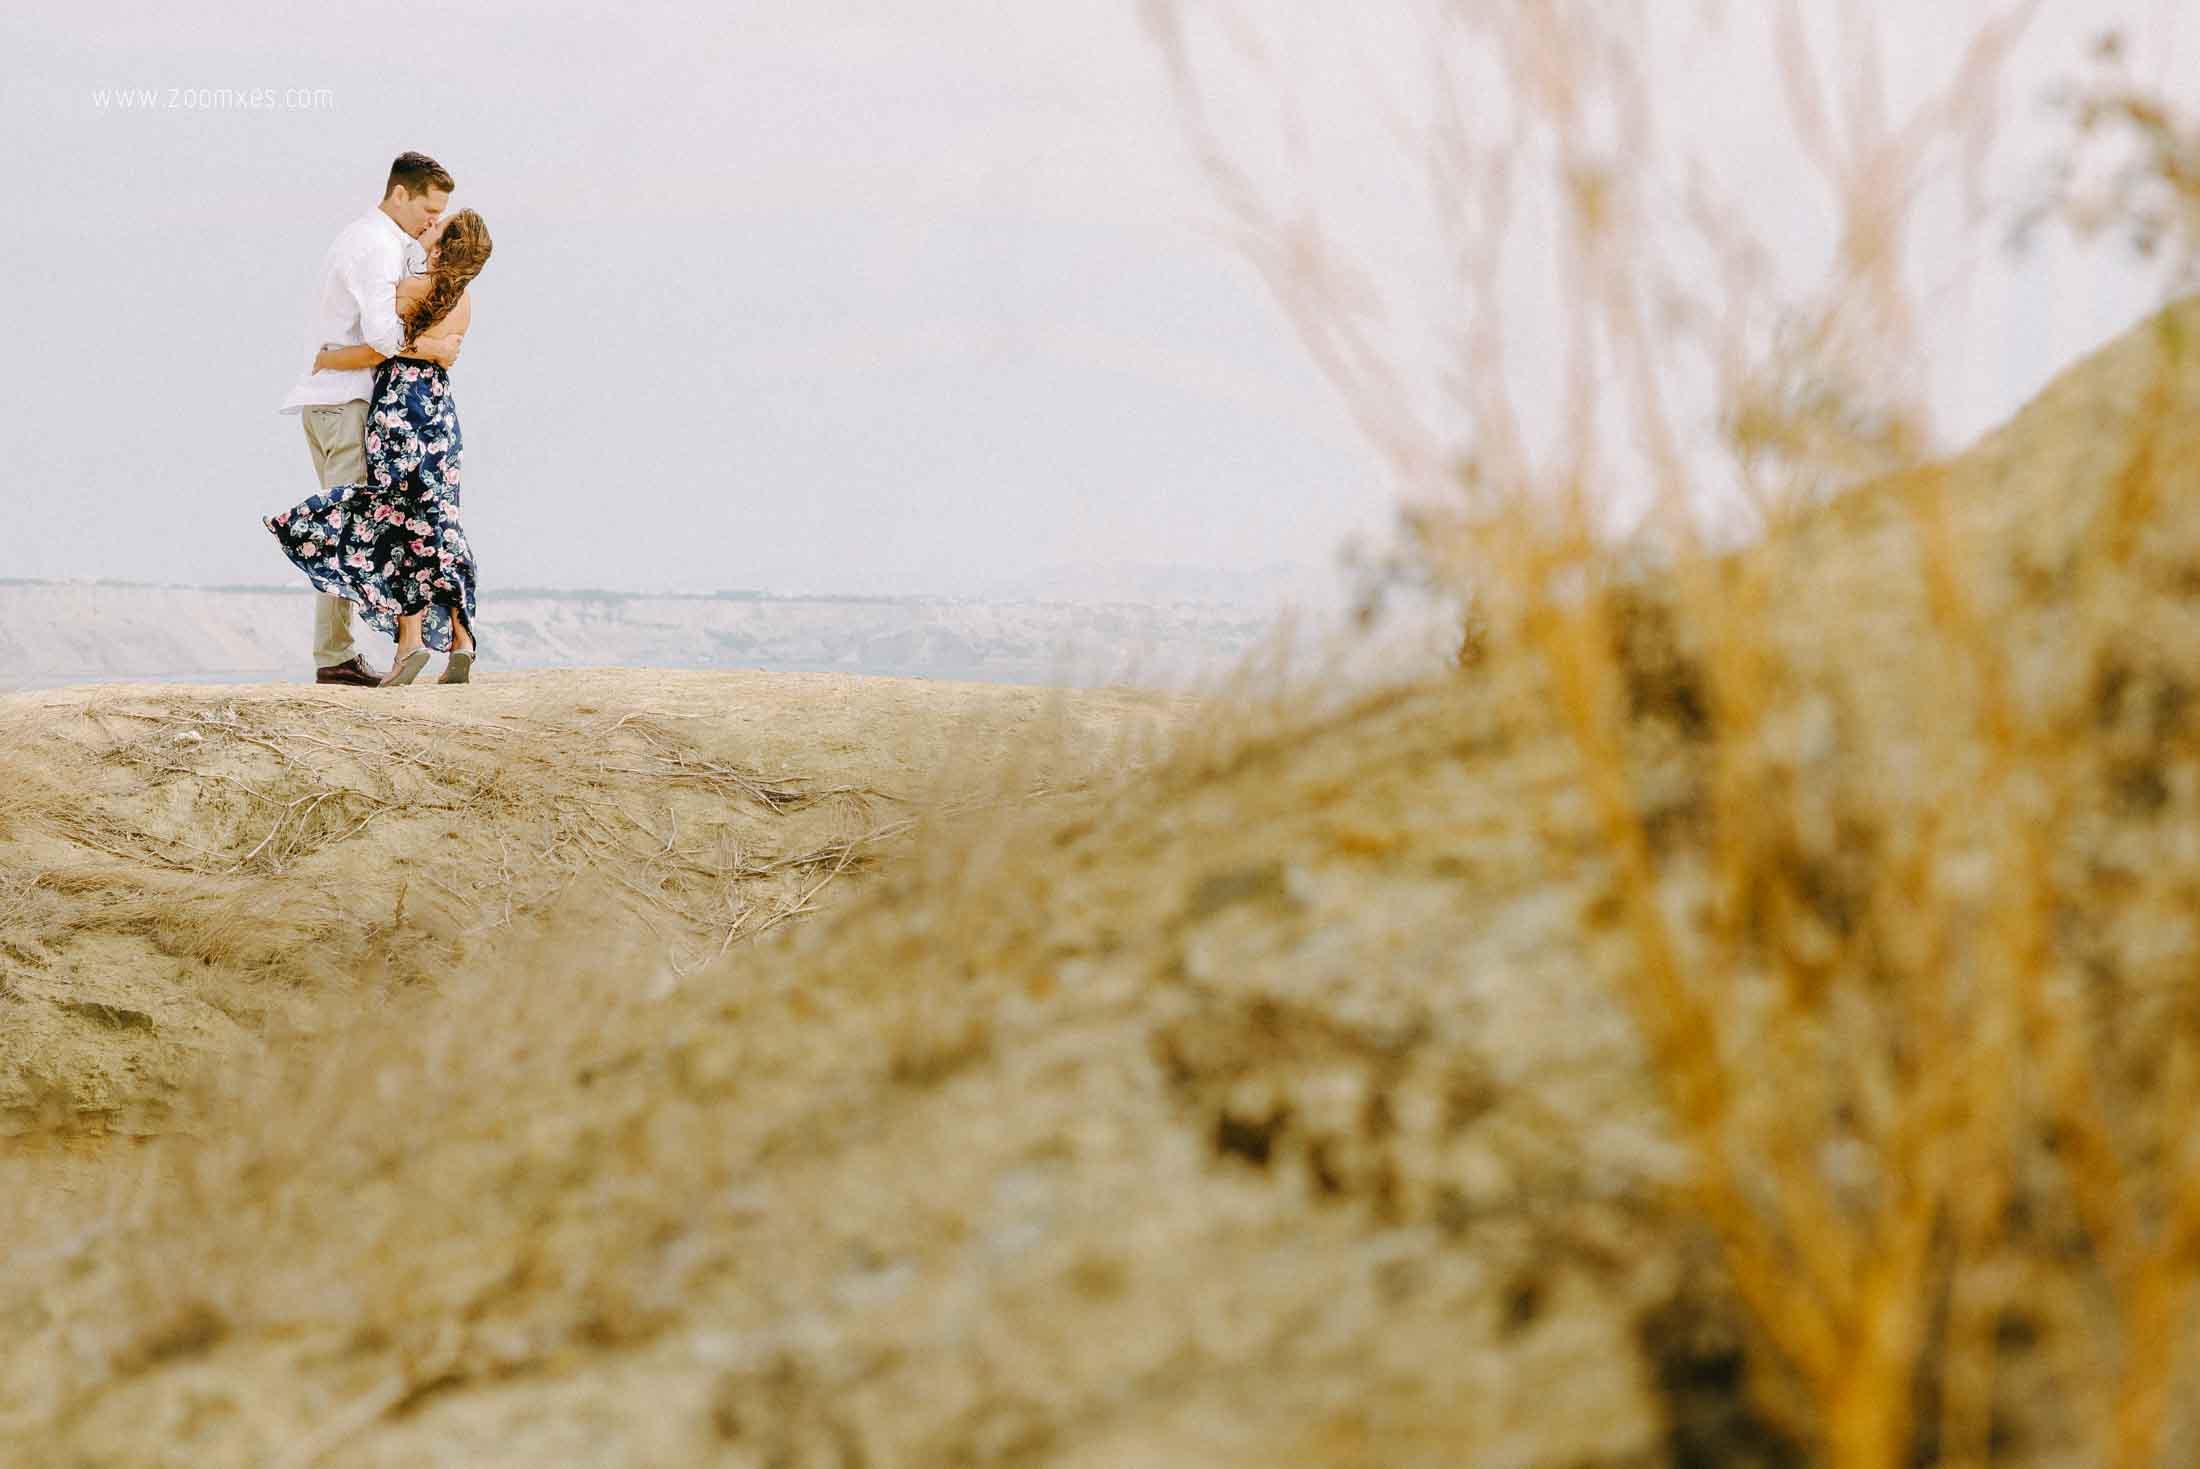 preboda karla y franco en colan, fotografia de boda en piura, fotografo de boda en piura, preboda en playa, preboda en colan, zoomx films, zoomx studio, erick ruiz, piura drone